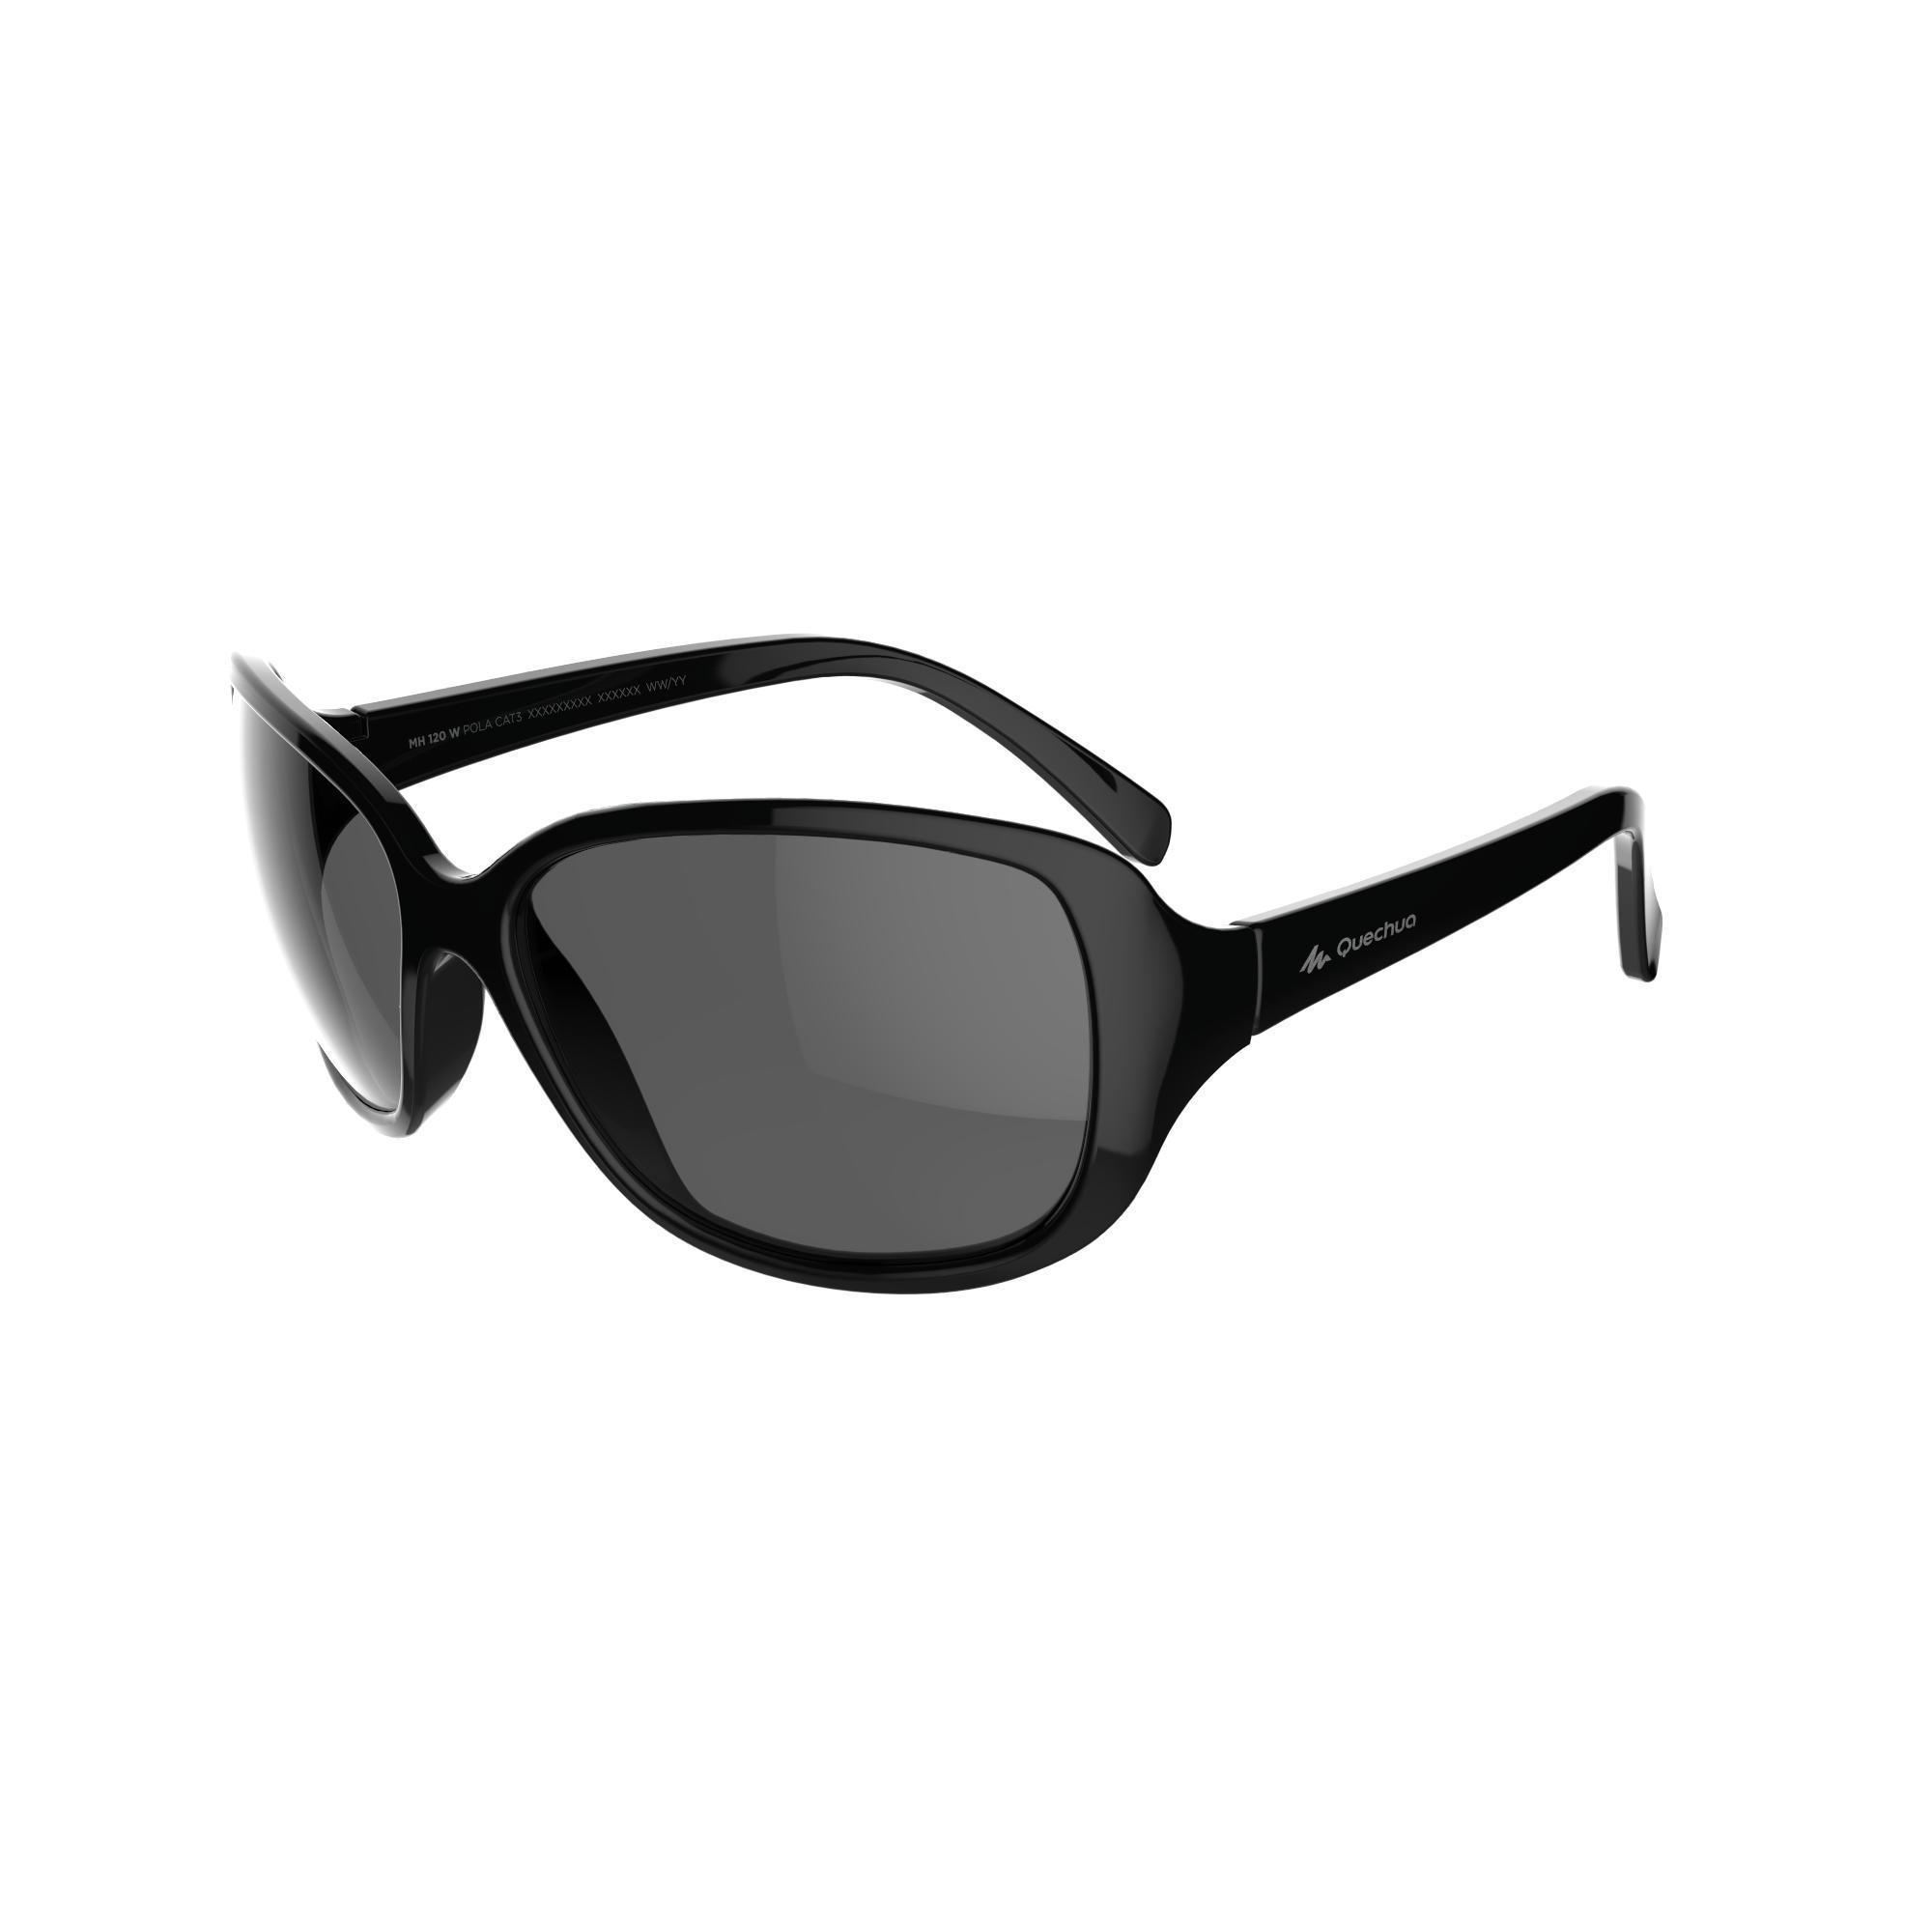 7a55482a41 Comprar Gafas Polarizadas online | Decathlon